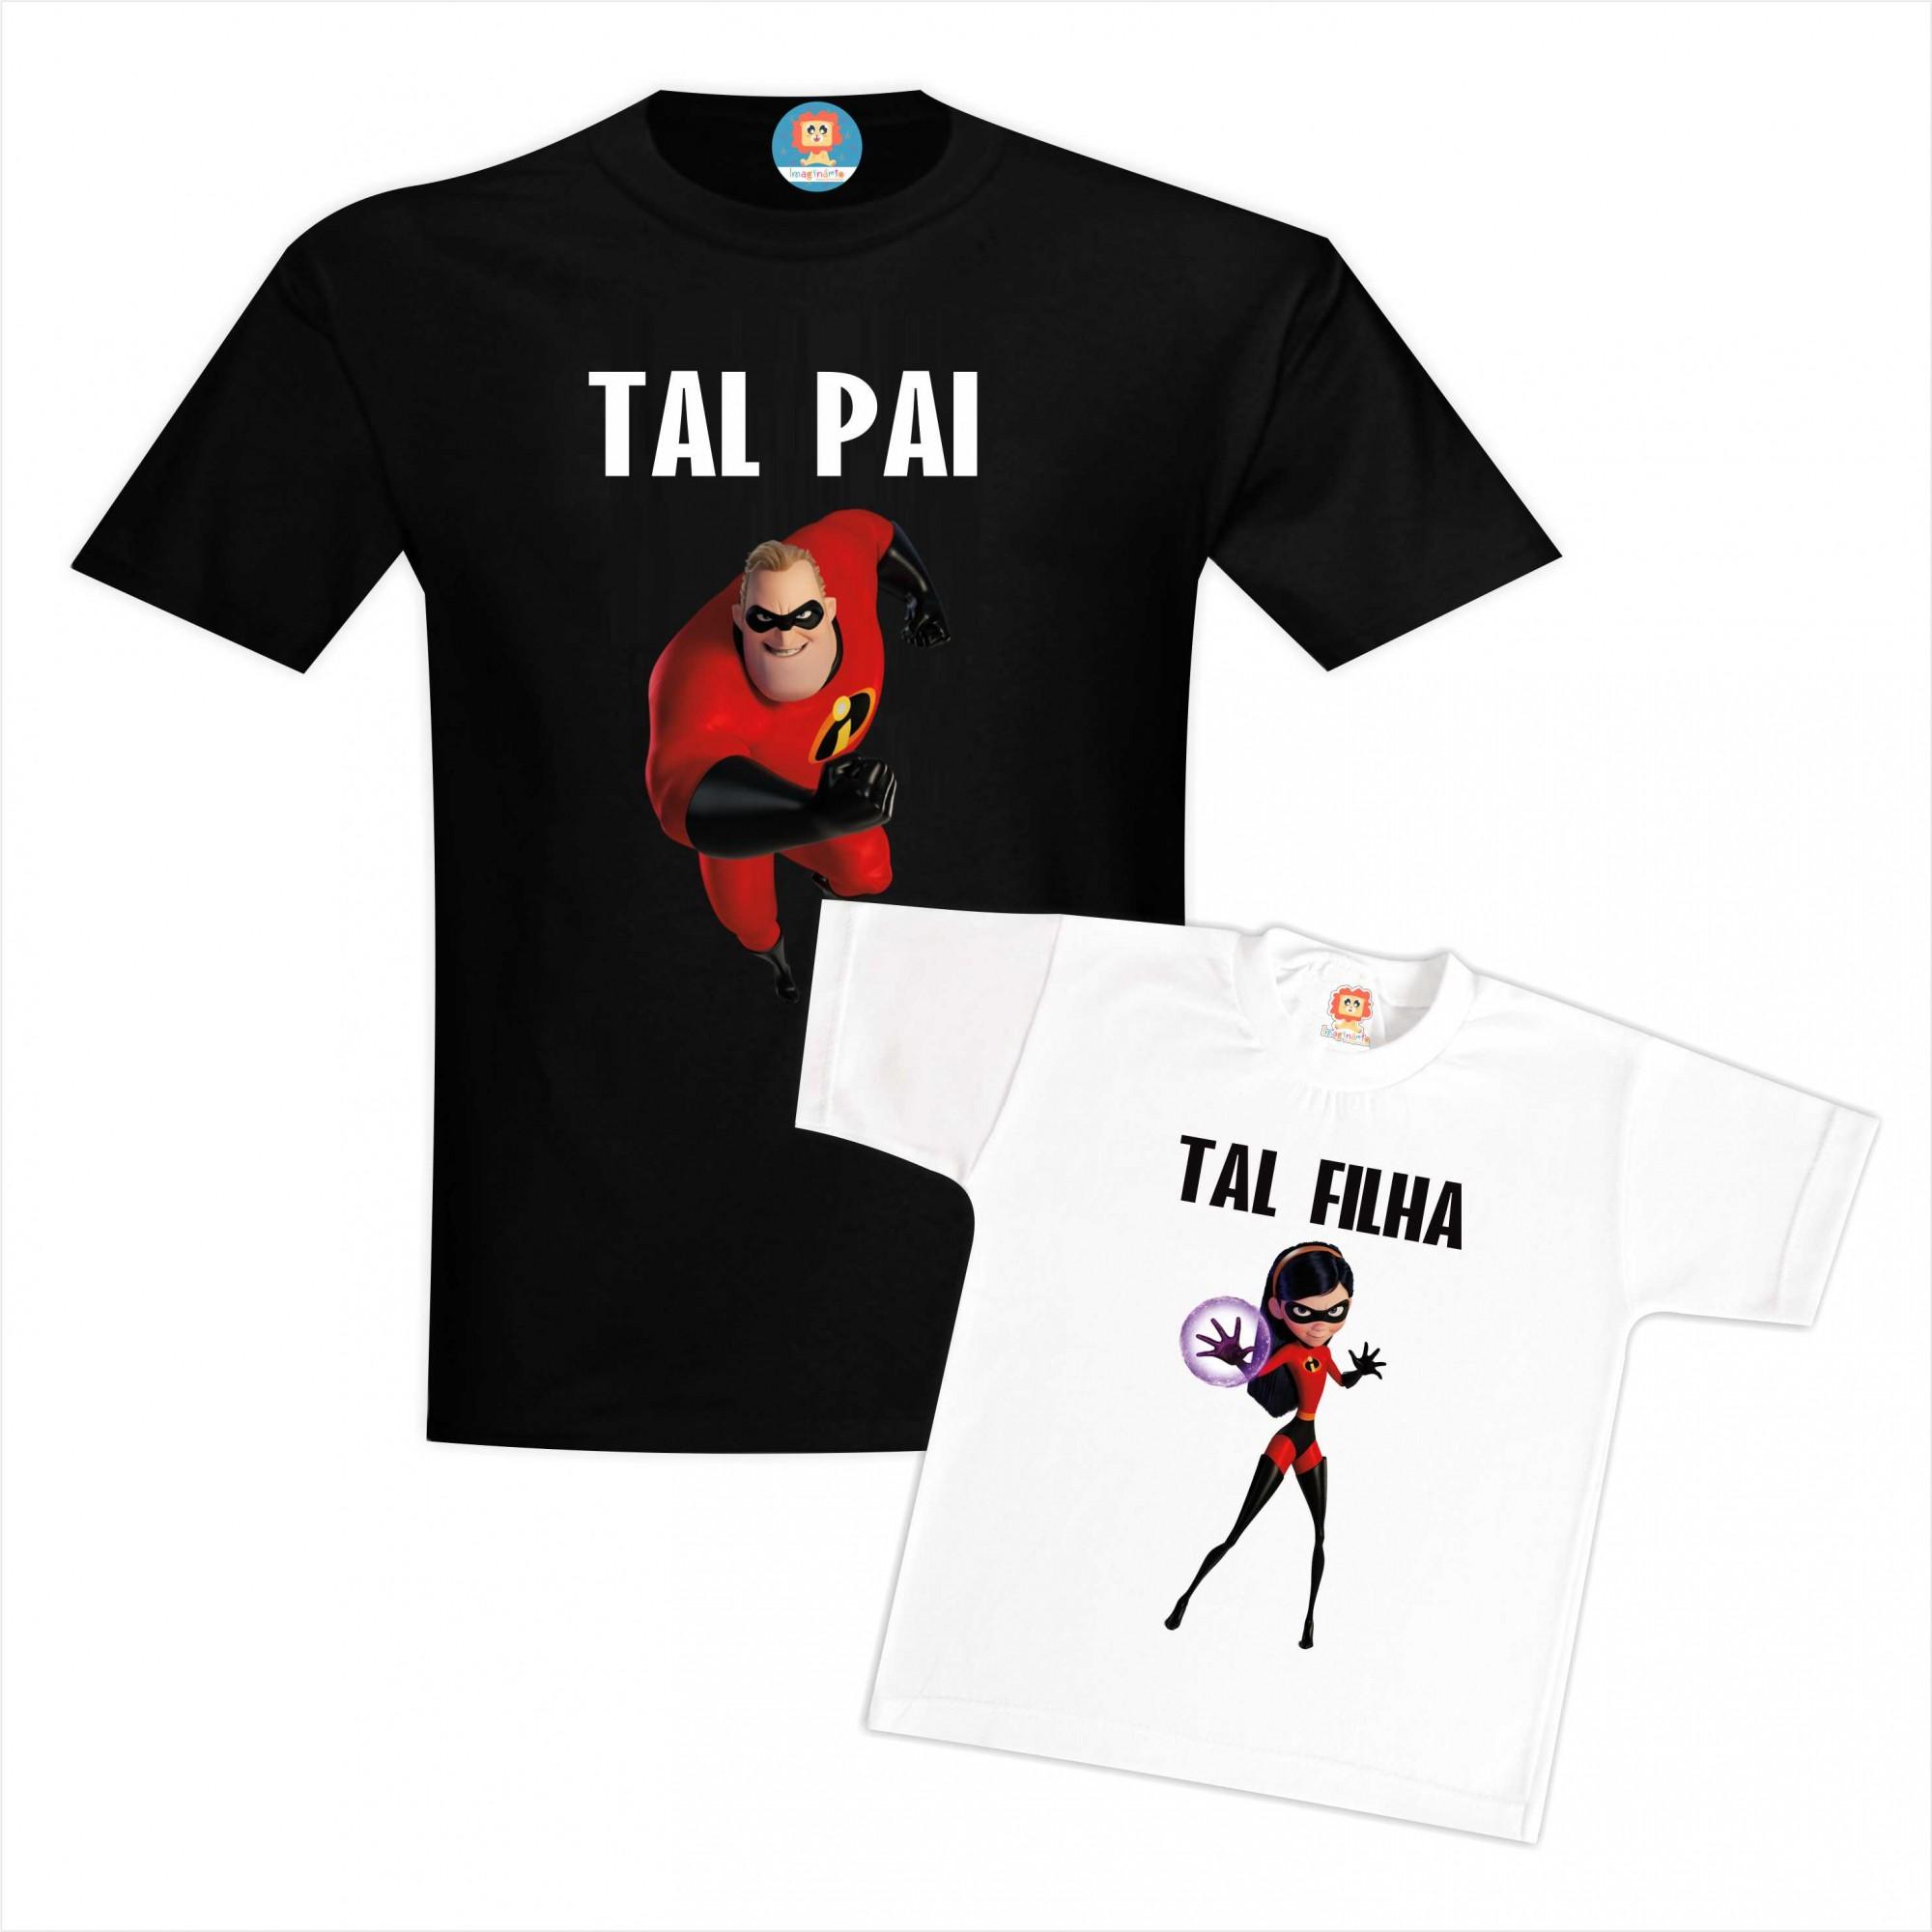 Kit Camisetas Os Incríveis Tal Pai e Tal Filha Sr Incrível e Violeta Dia dos Pais